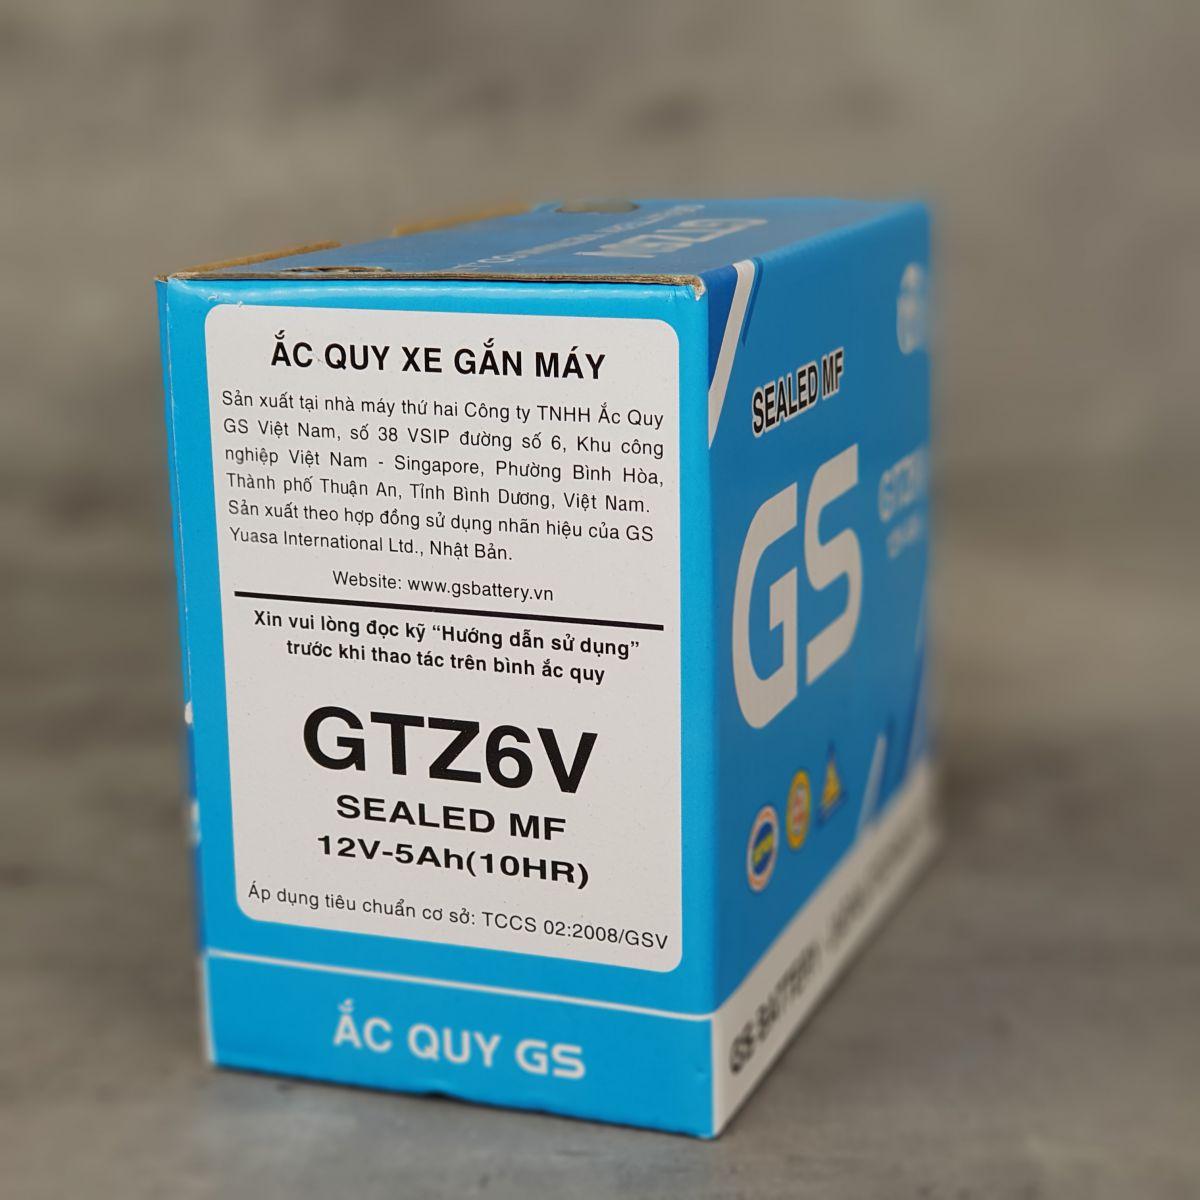 binh-Ac-quy-xe-may-GS-GTZ6V-3